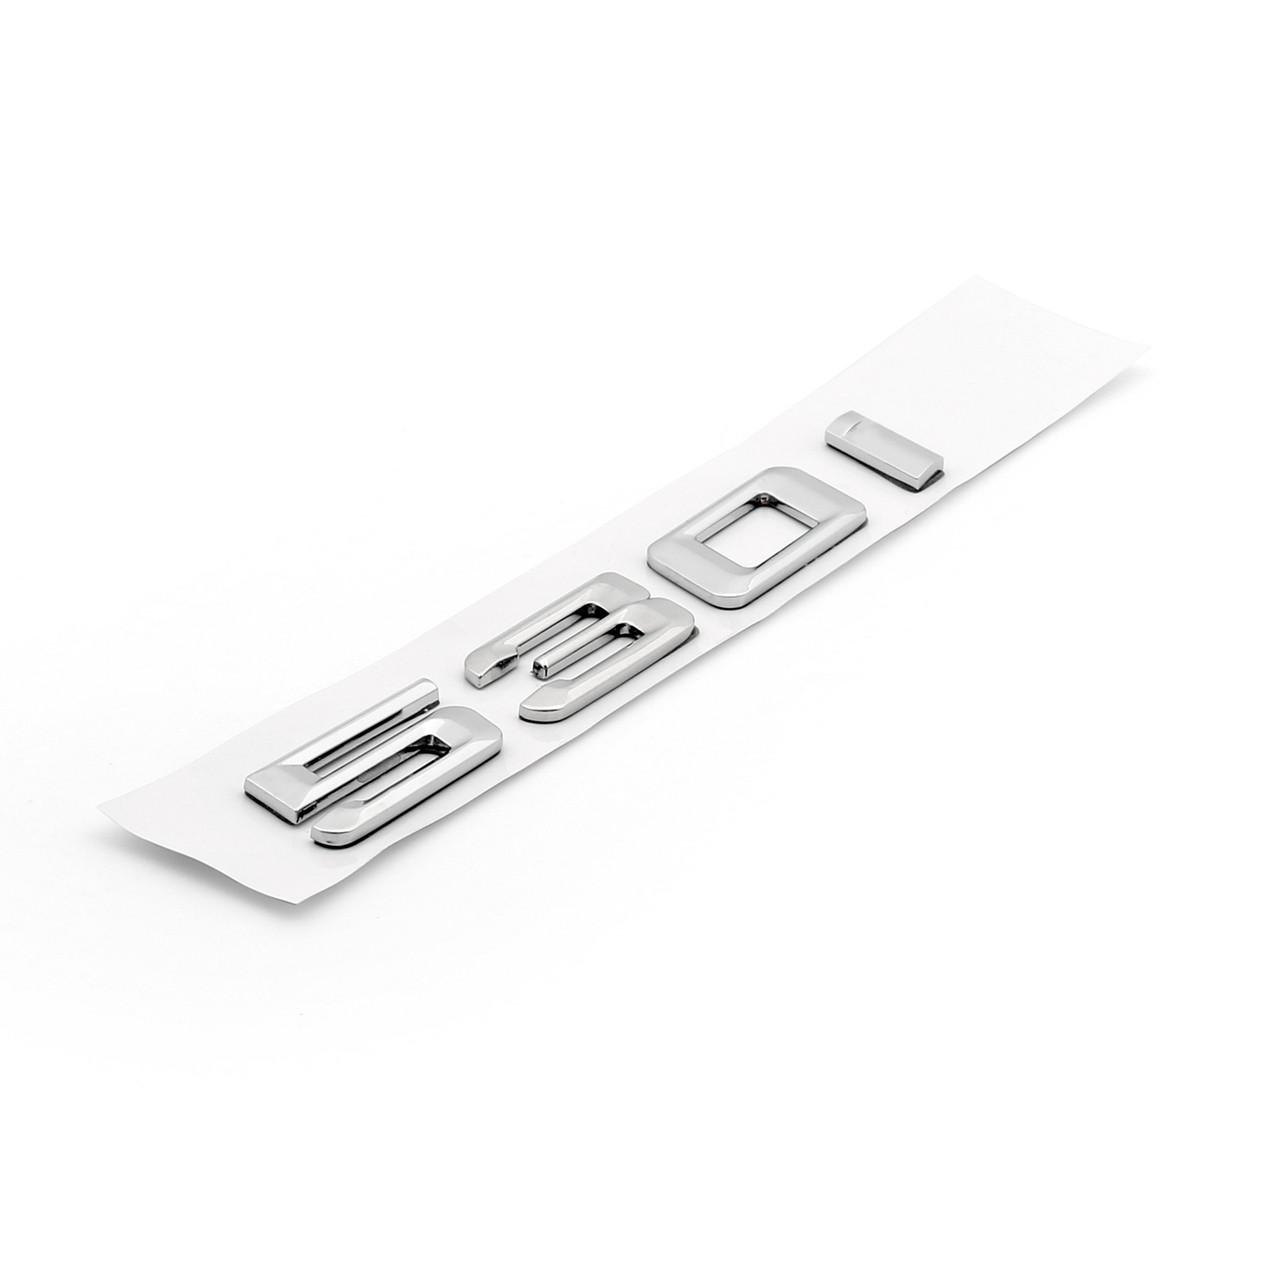 Car Rear Badge Emblem Metal 530i BMW 5 Series E60 E61 F10 F11 Chrome